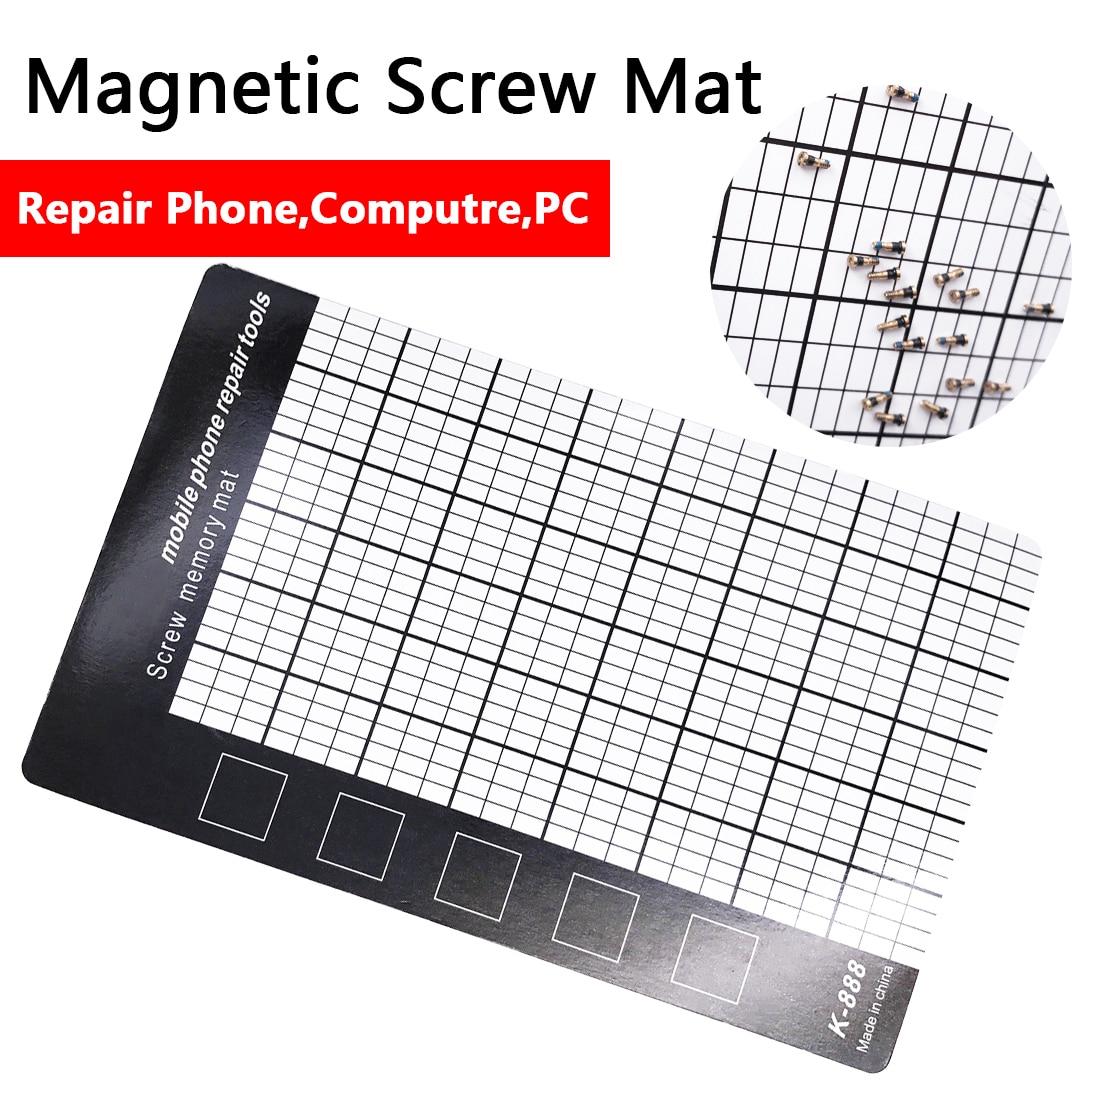 Mobile Phone Repair Tools Pad 145 X 90mm Magnetic Screw Mat Memory Chart Work Pad For Fixing Screws